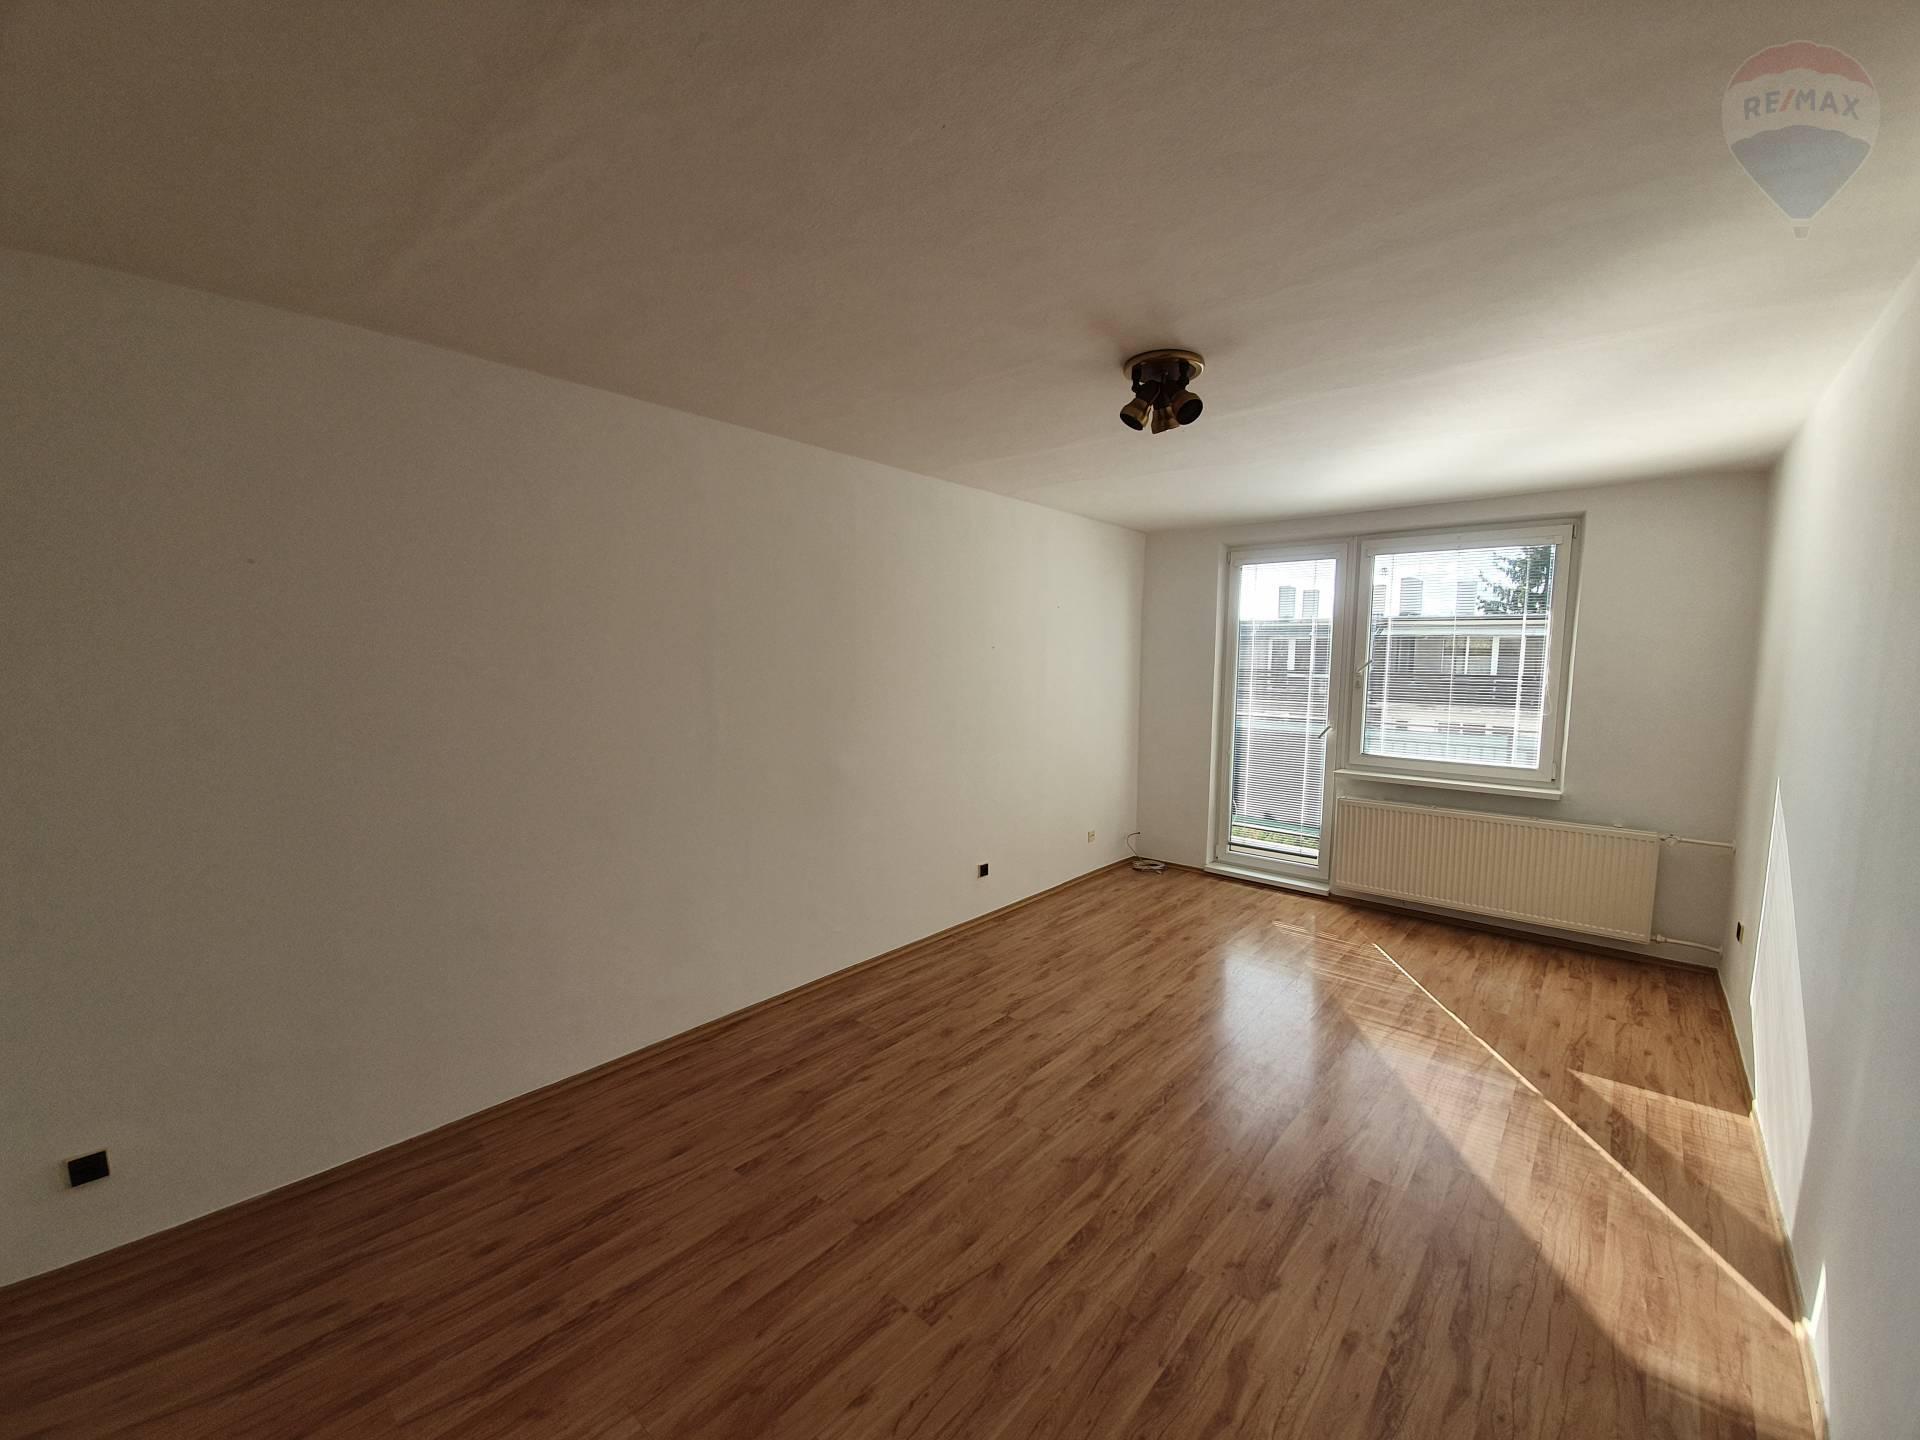 Predaj bytu (3 izbový) 83 m2, Topoľčany - predaj 3-izbový byt s garážou Topoľčany